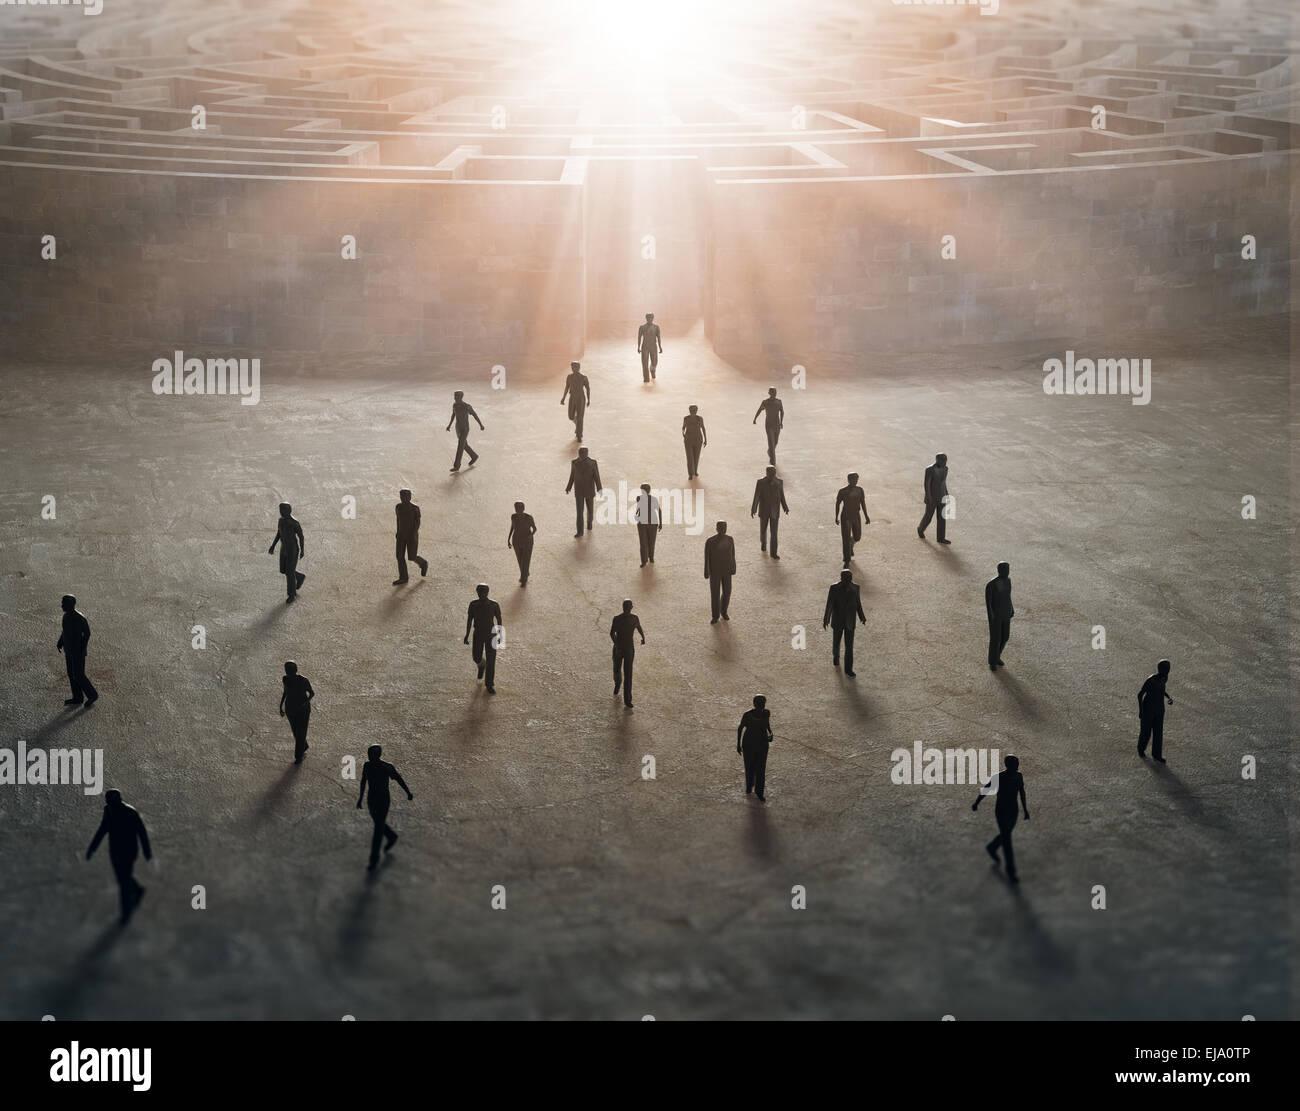 Kleine Menschen, die zu Fuß aus einem geheimnisvollen Labyrinth Stockfoto